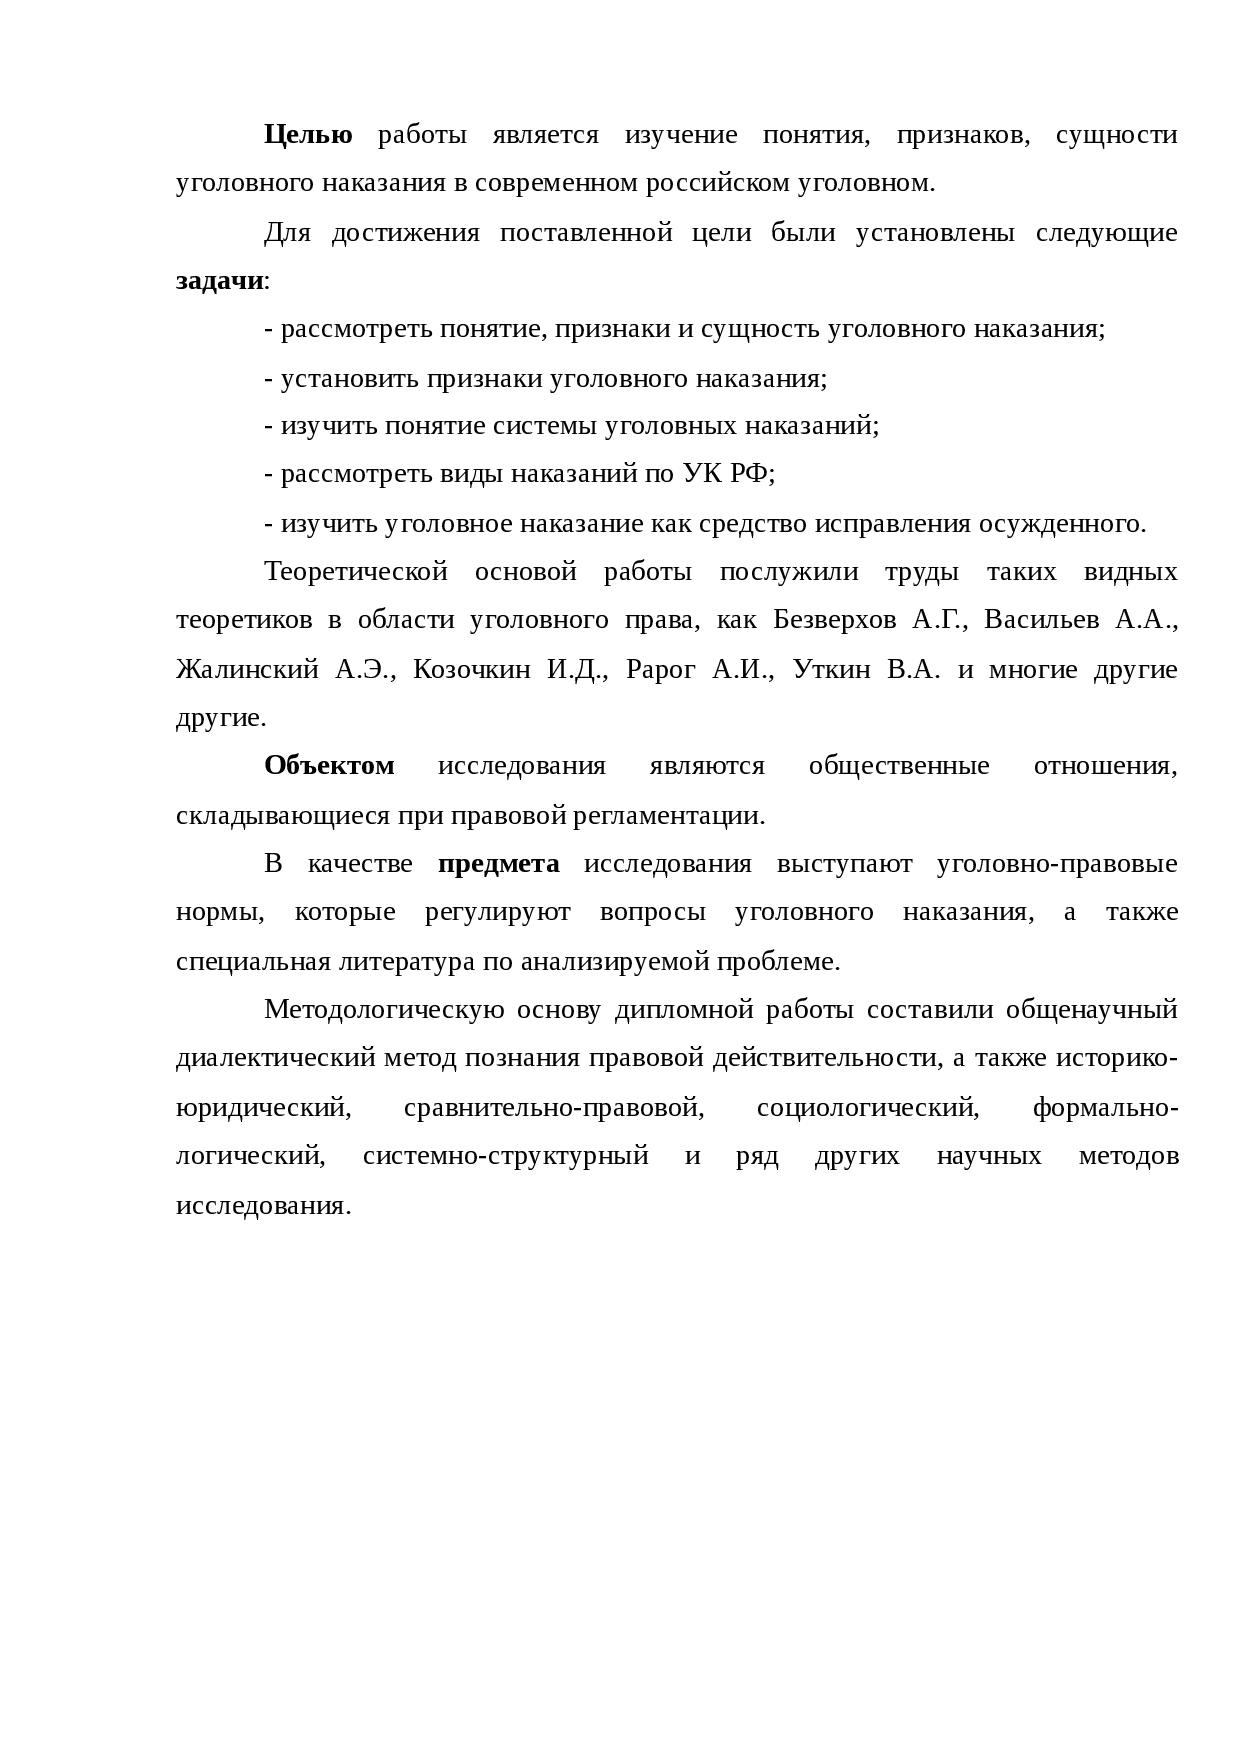 Понятие и цели наказания